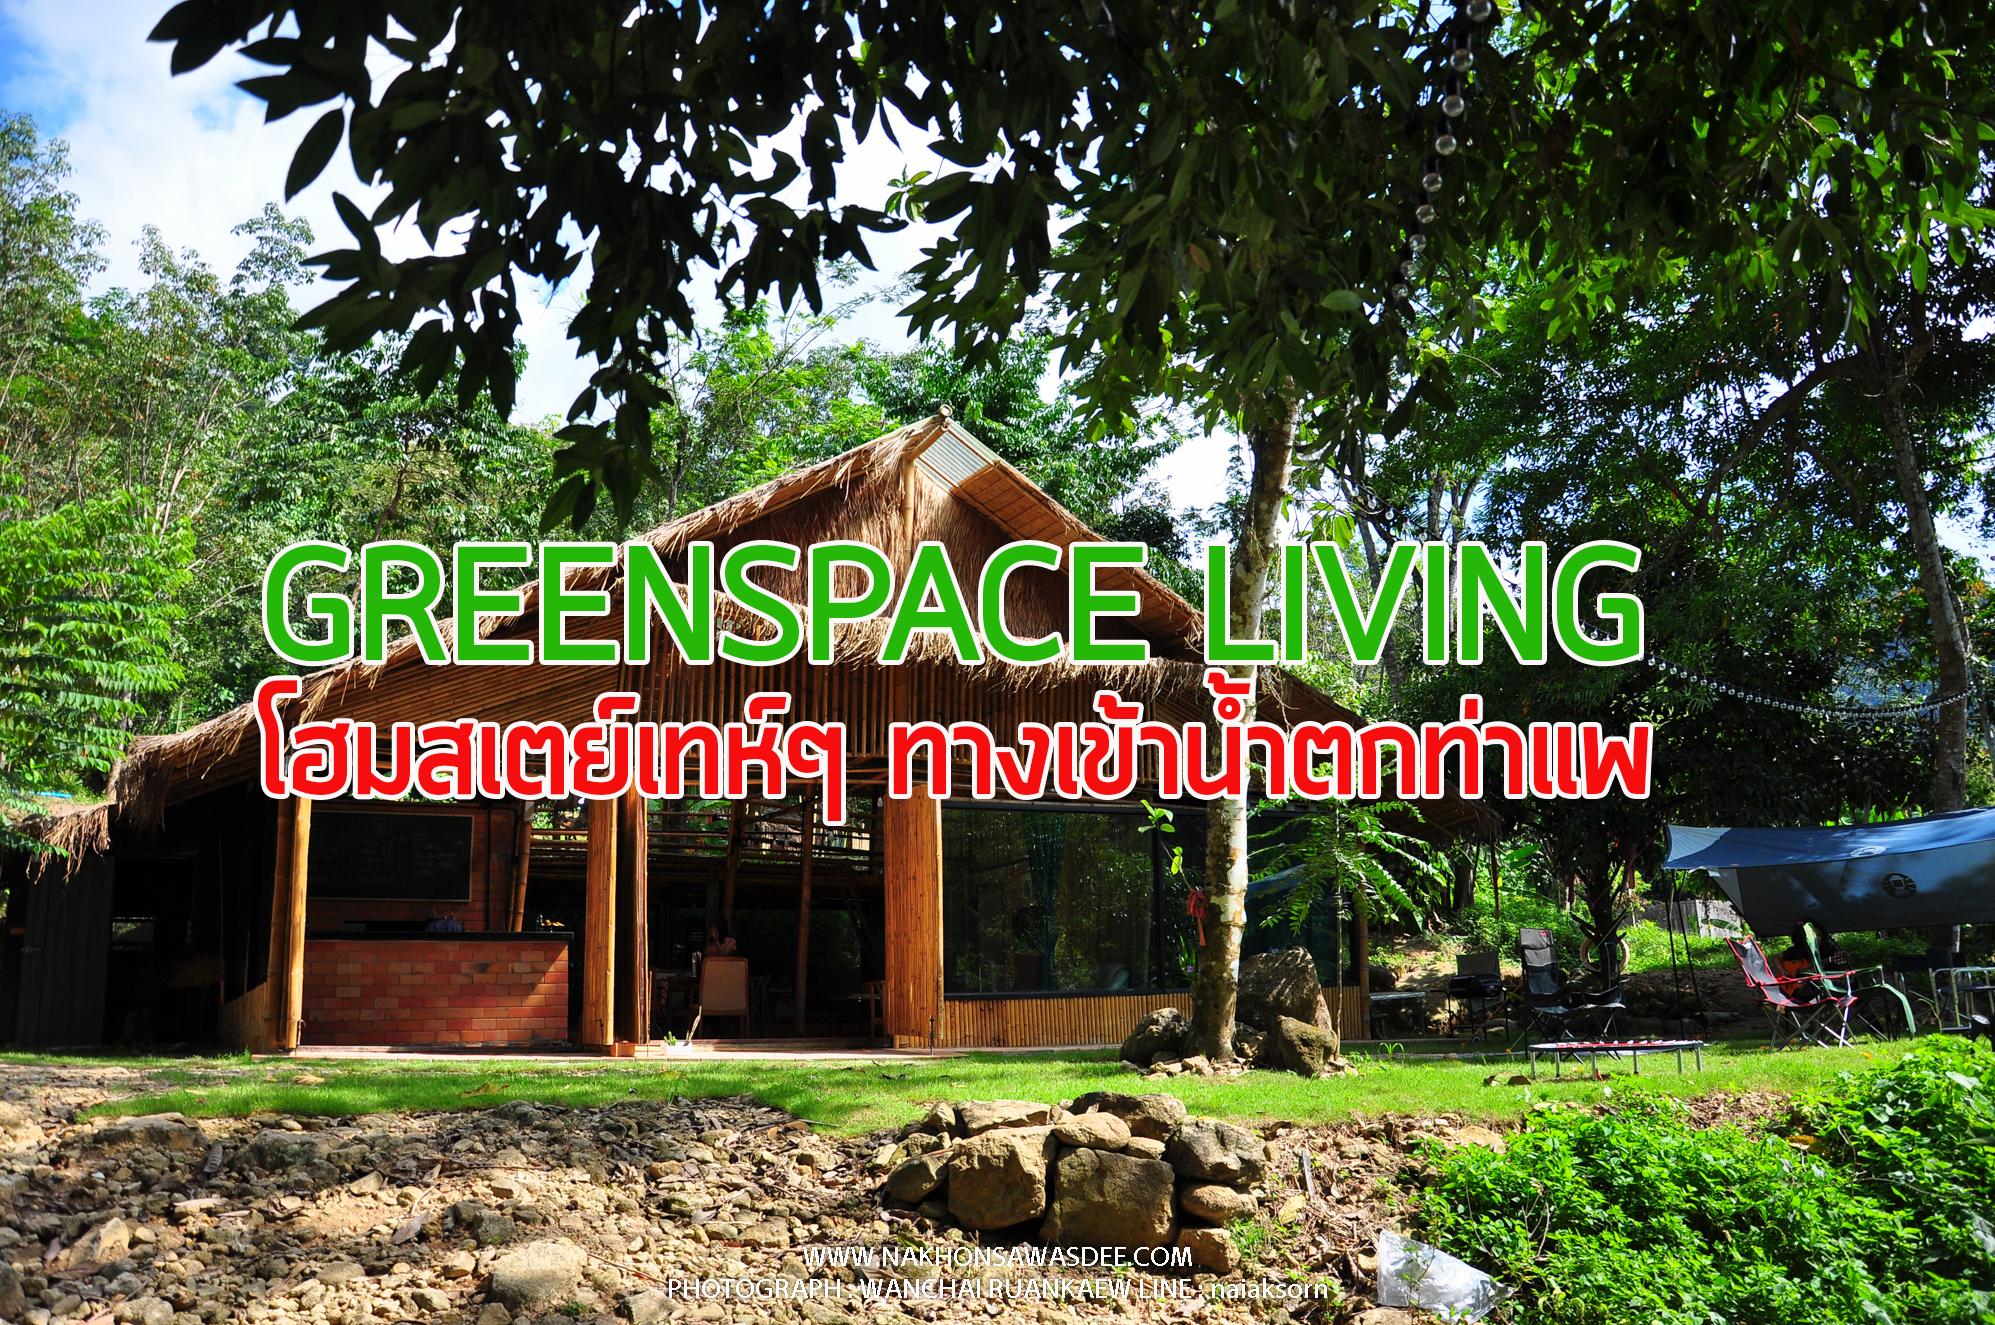 โฮมสเตย์ Greenspace living